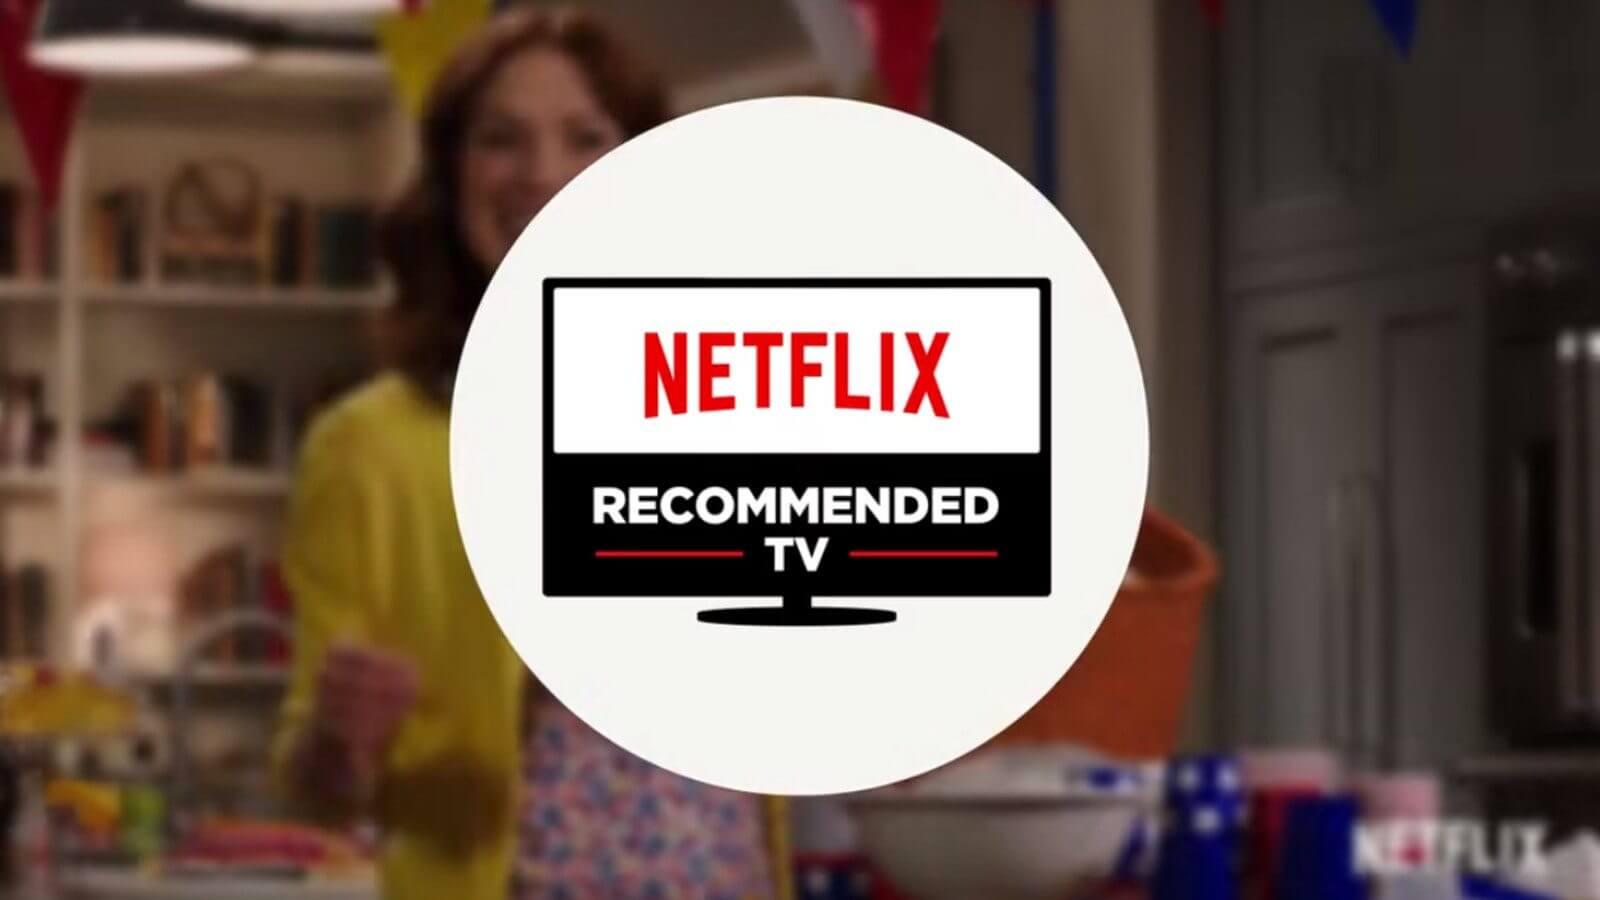 Screen Shot 2016 03 21 at 9.10.31 AM.0.0 - Conheça as TVs ideais para assistir Netflix, segundo a própria empresa